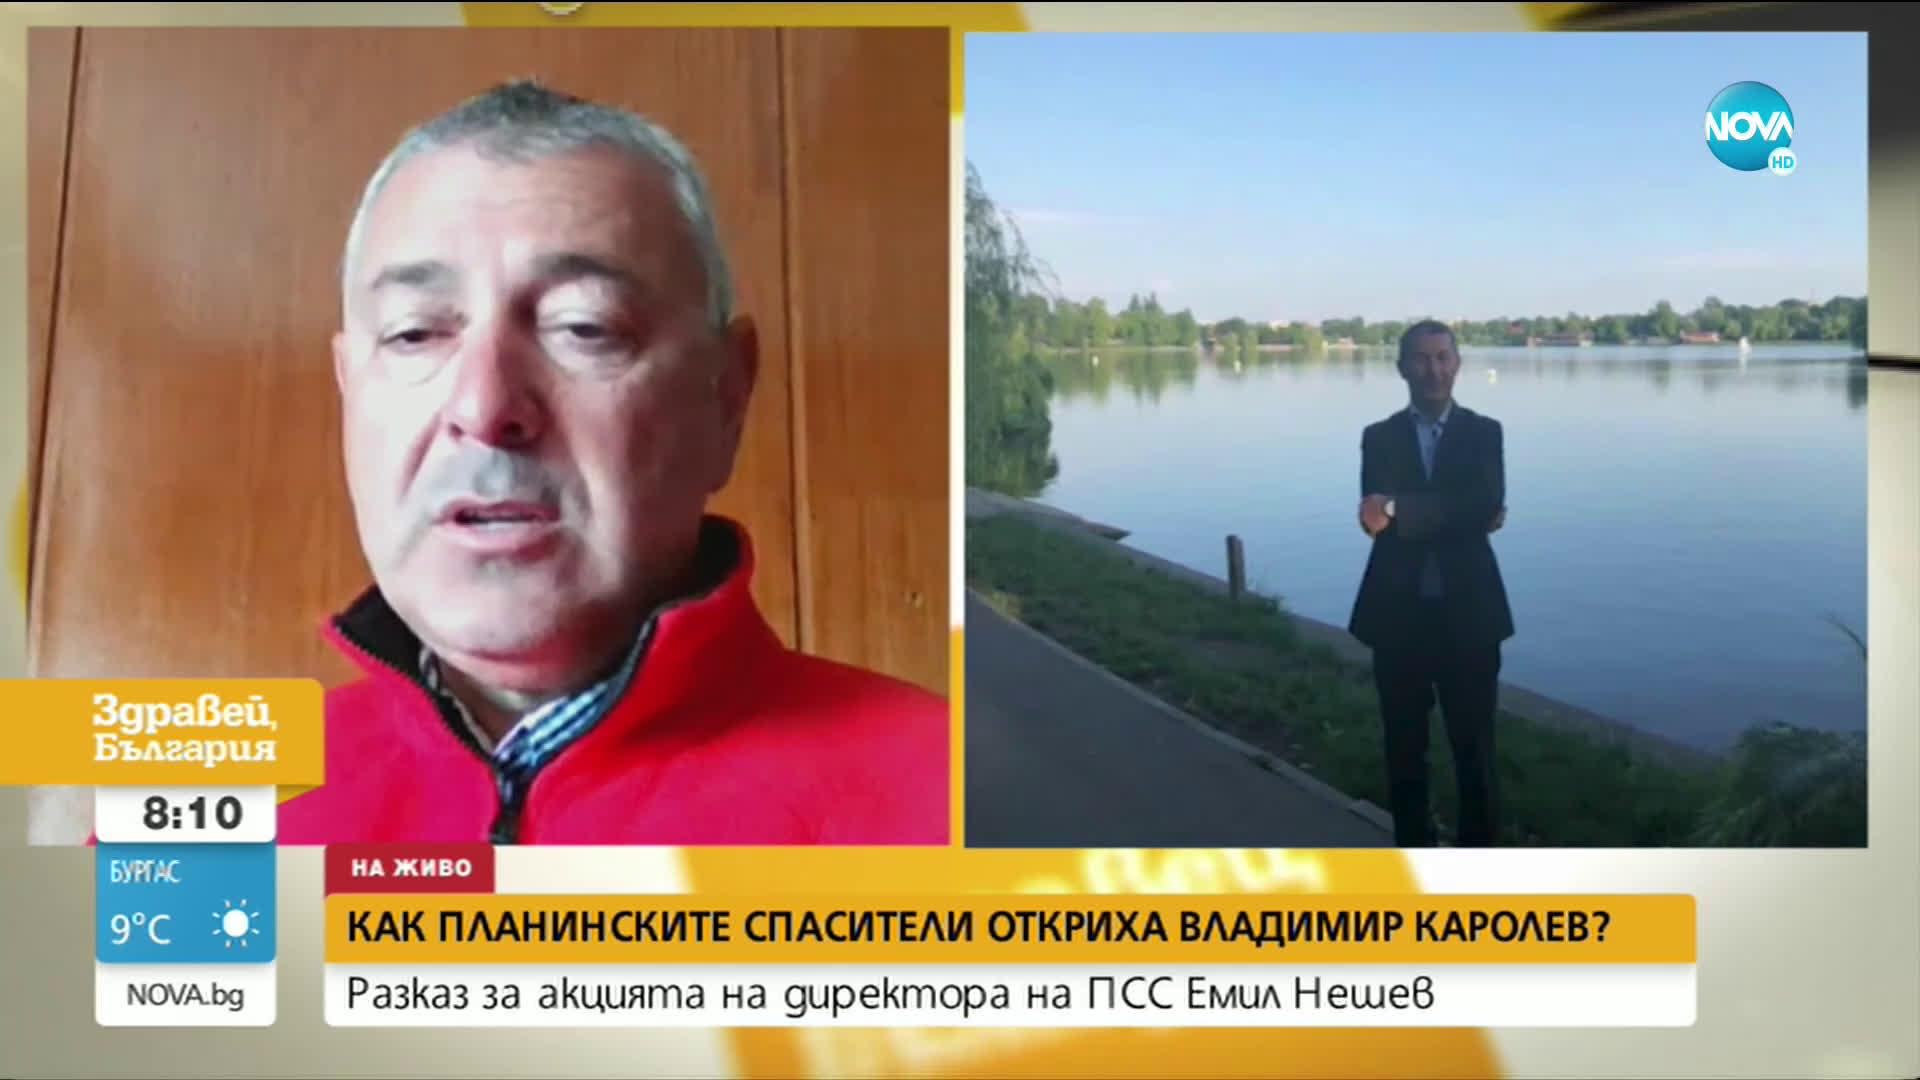 Как планинските спасители откриха Владимир Каролев